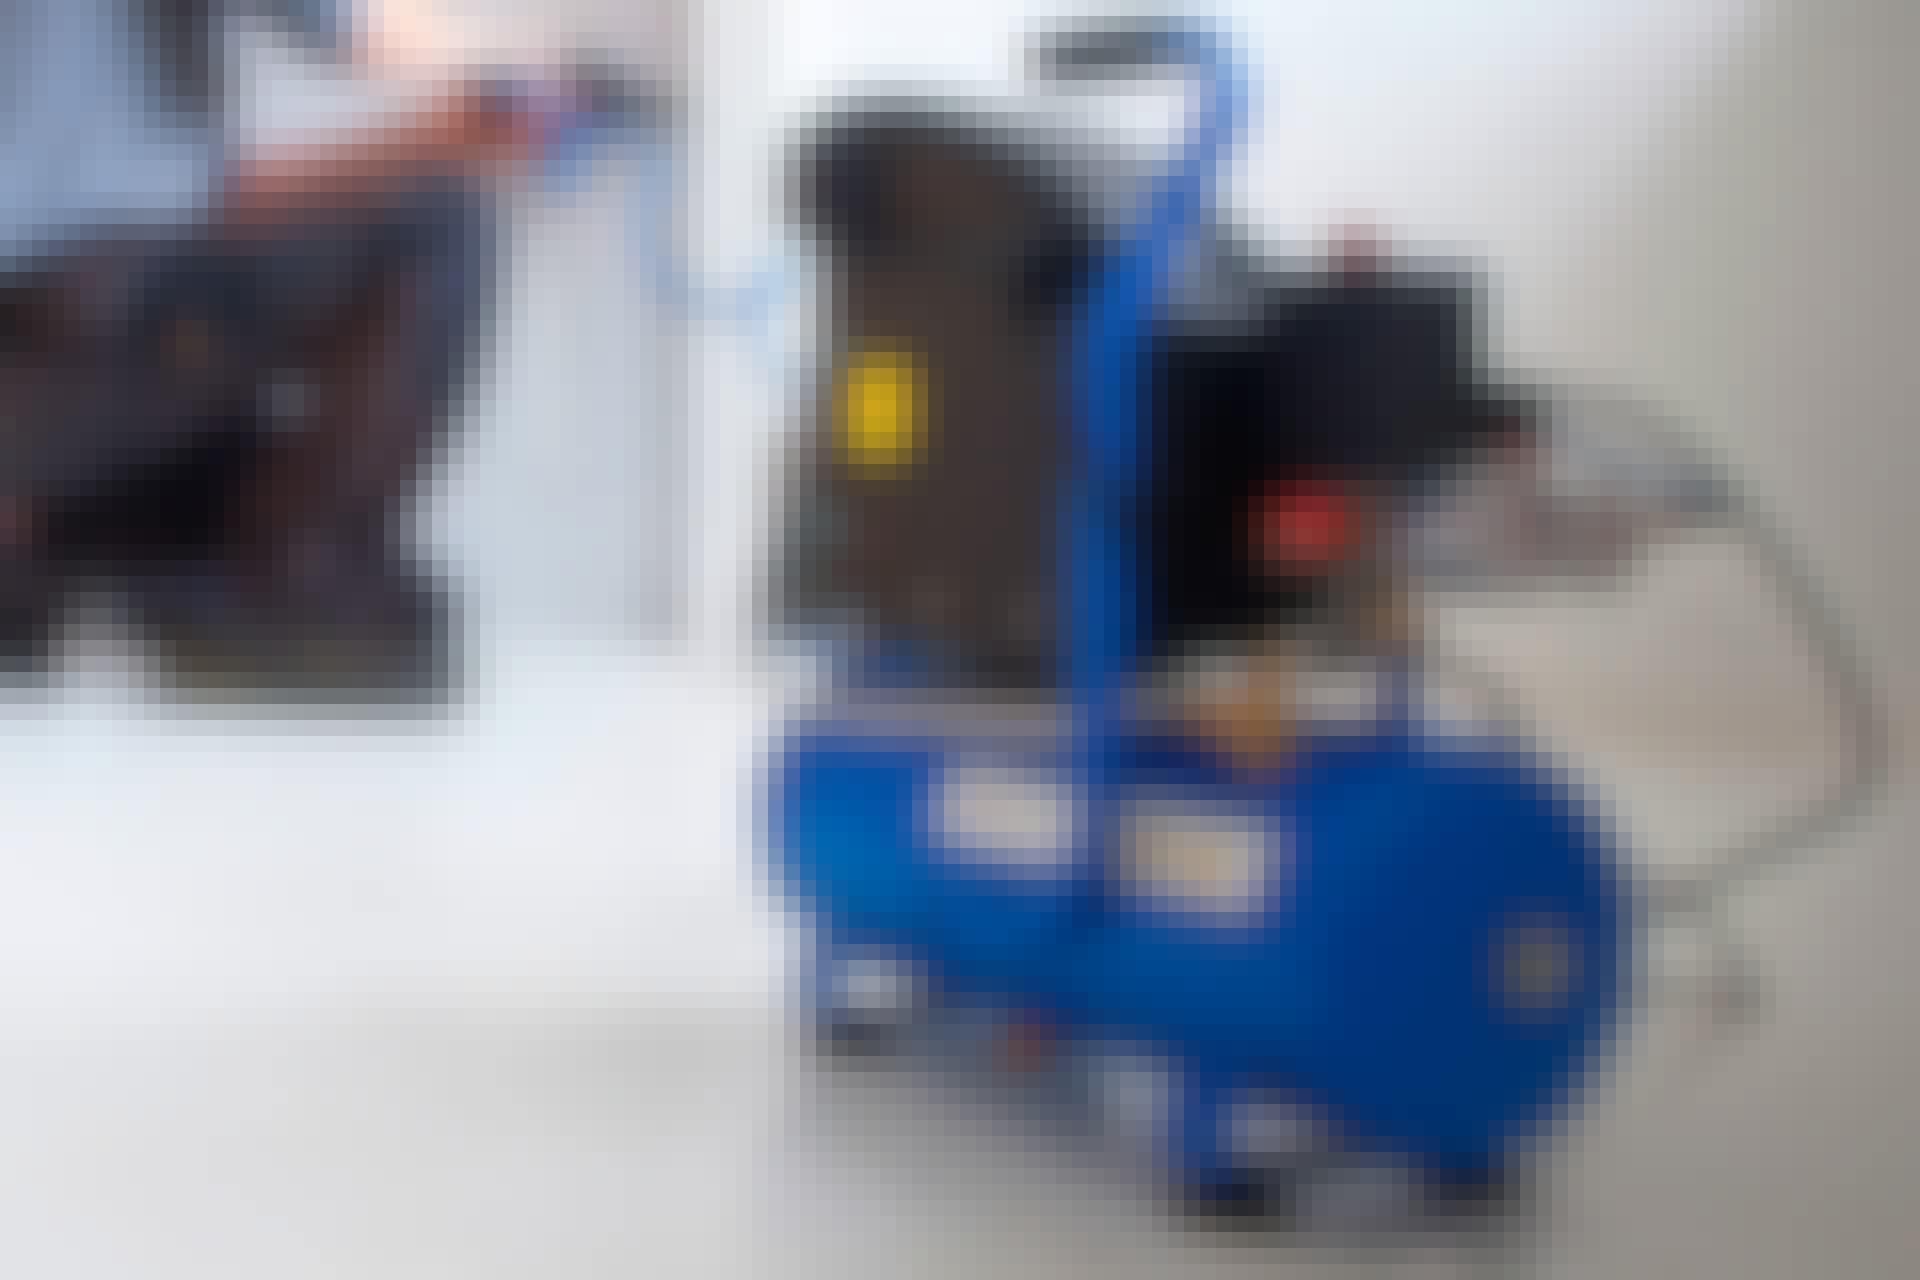 Kompressor test: De små kompressorer er nemme at flytte rundt på og tage med ud af værkstedet.